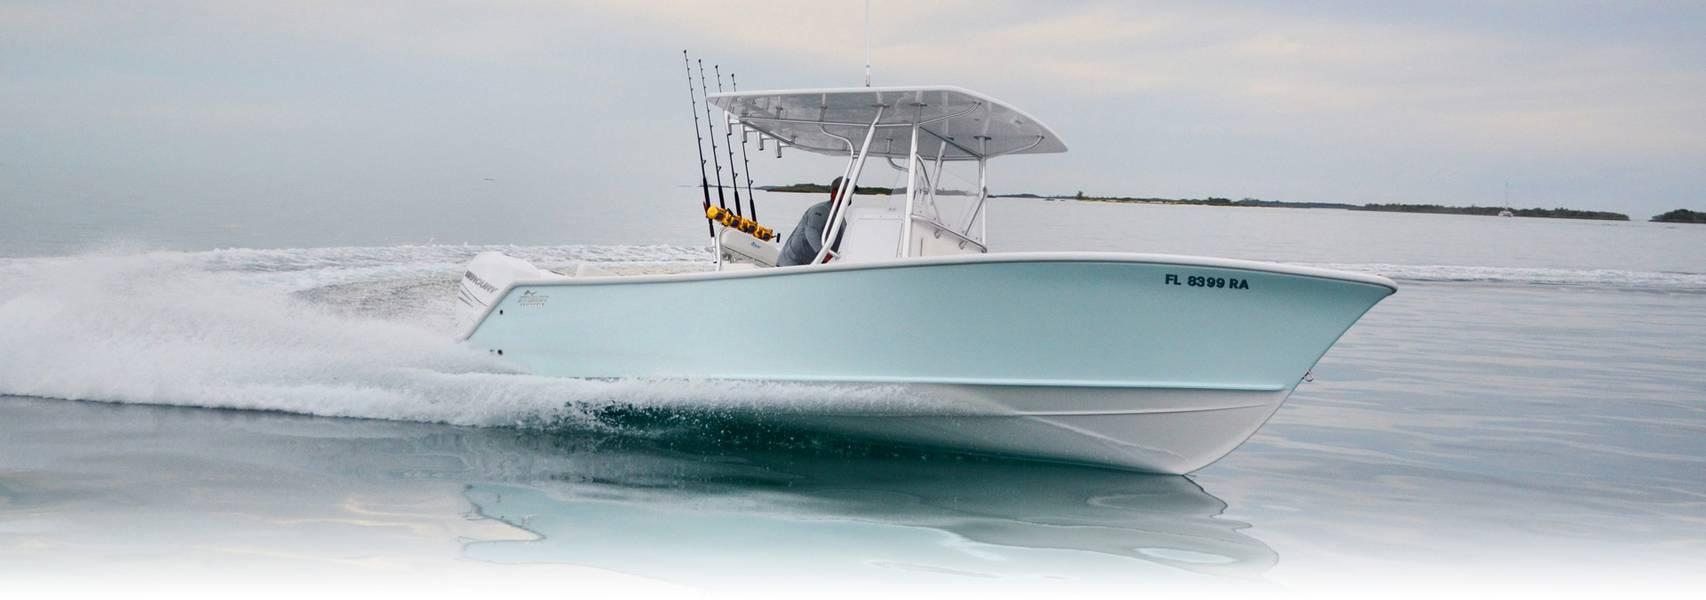 O Stuart Boatworks 27 foi um gamechanger para o Ocean5, em exposição pela primeira vez no show internacional de barcos de Miami este ano. Imagem Cortesia Ocean 5 Naval Architects.